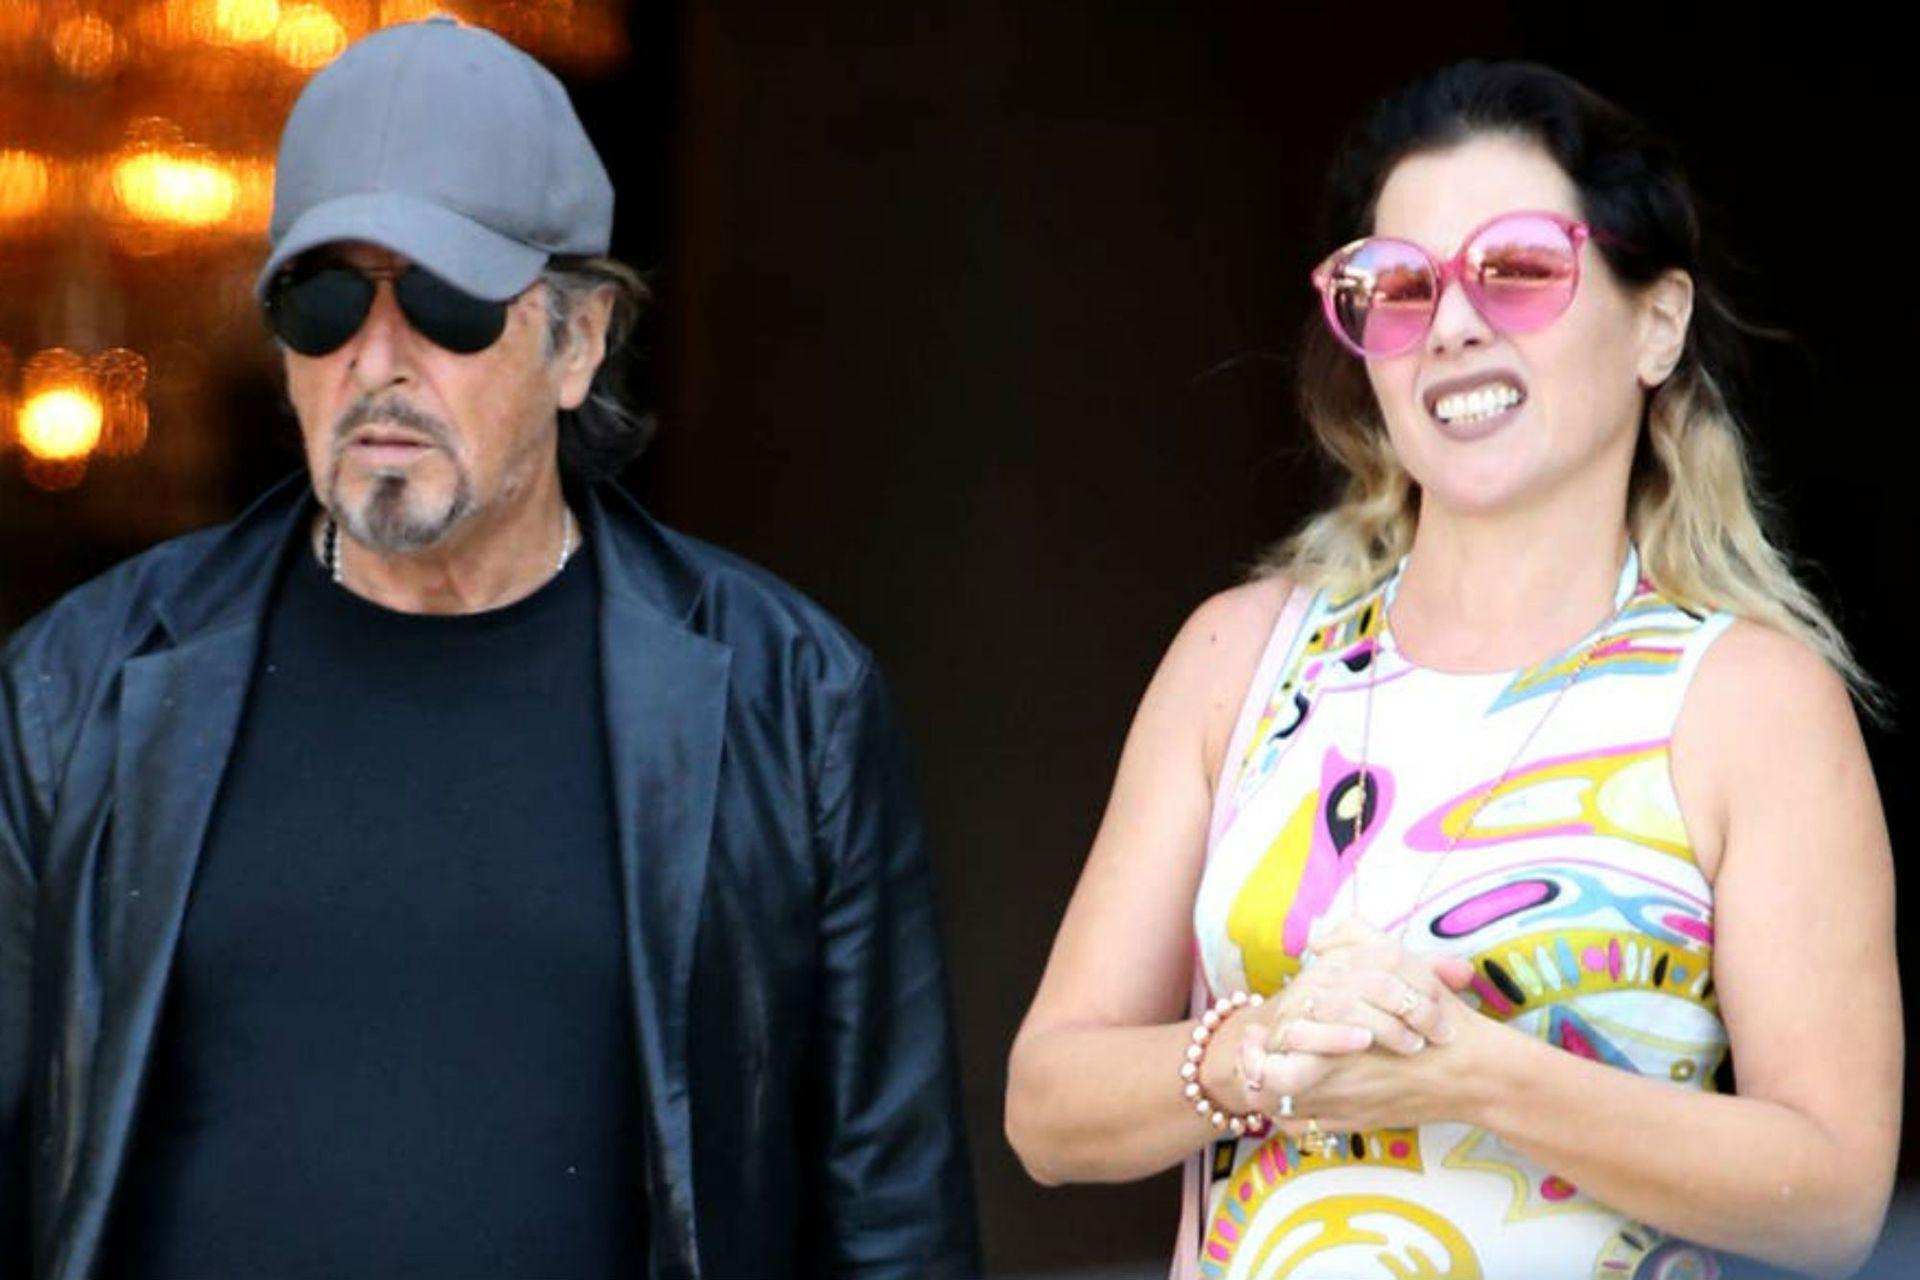 Pacino comenzó una relación con la cantante y actriz israelí Meital Dohan al poco tiempo de separarse de Polak